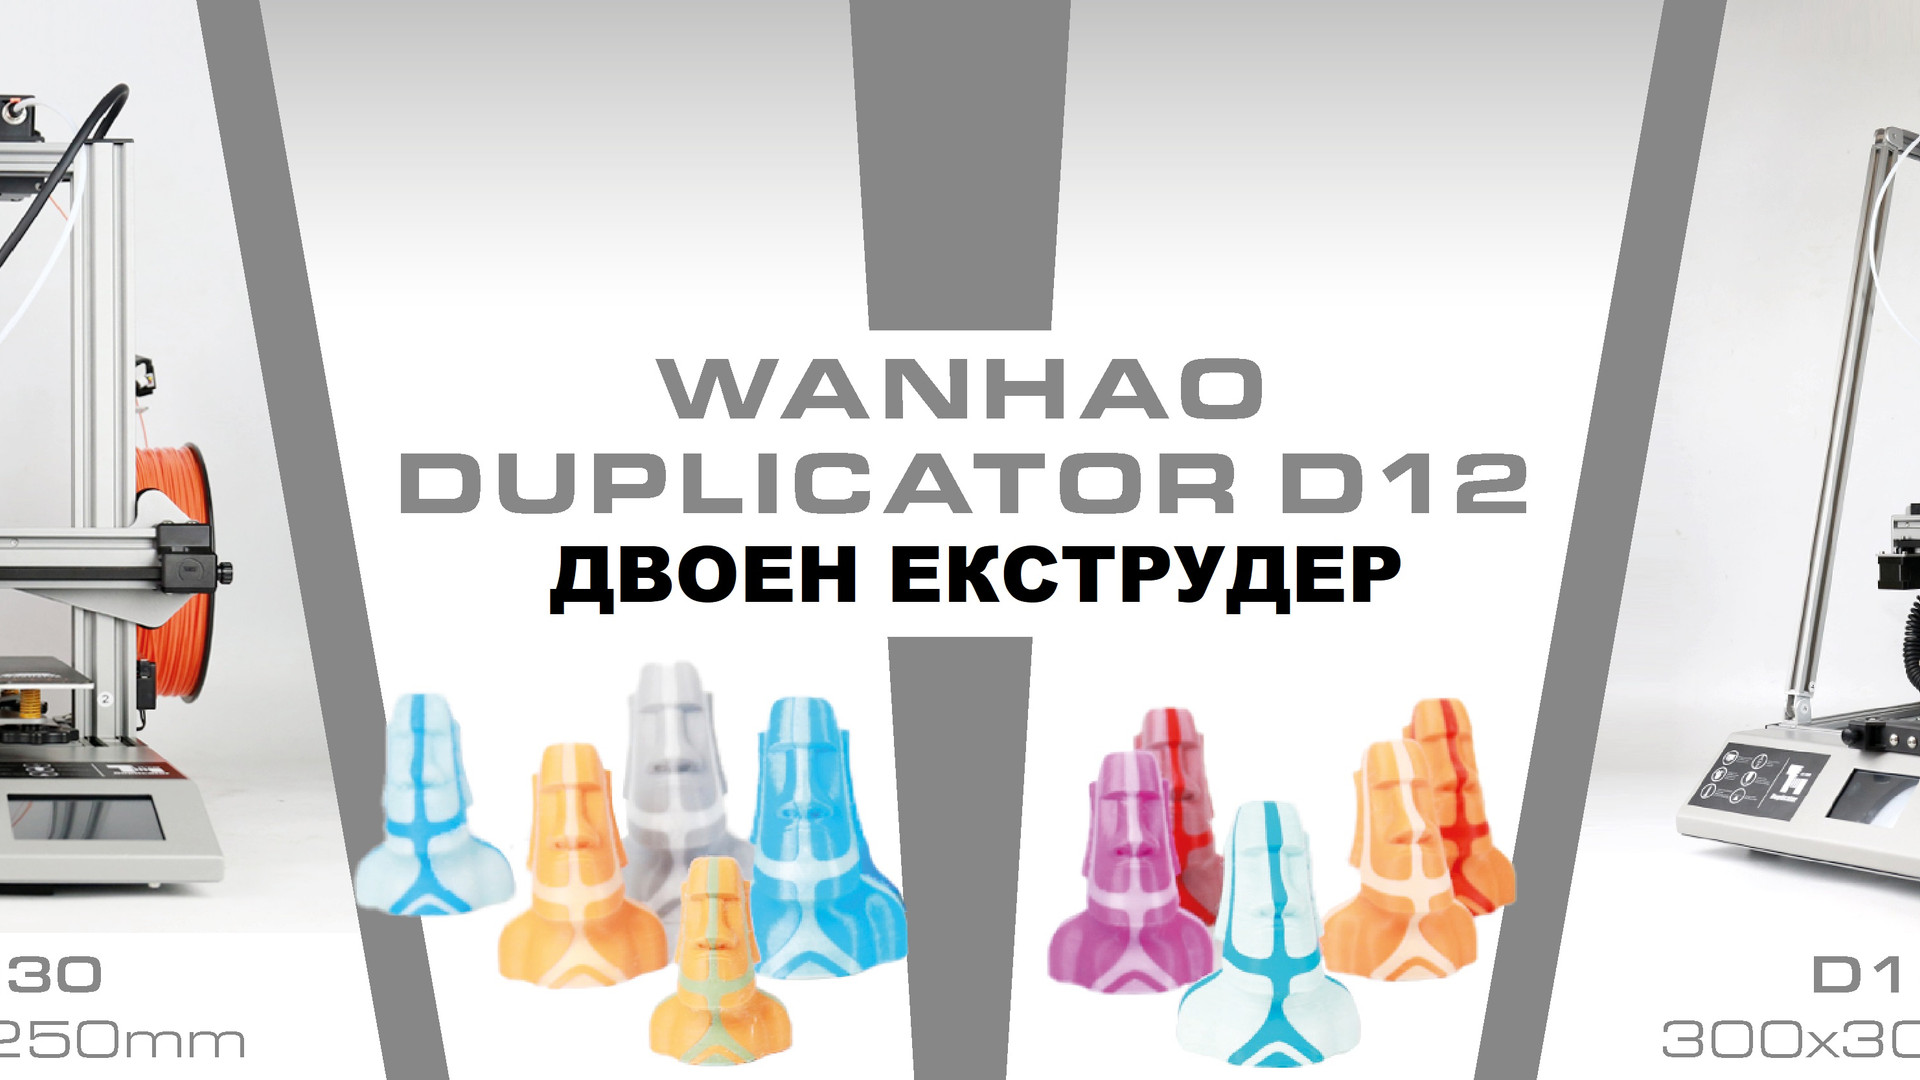 Wanhao D12 banner.jpg